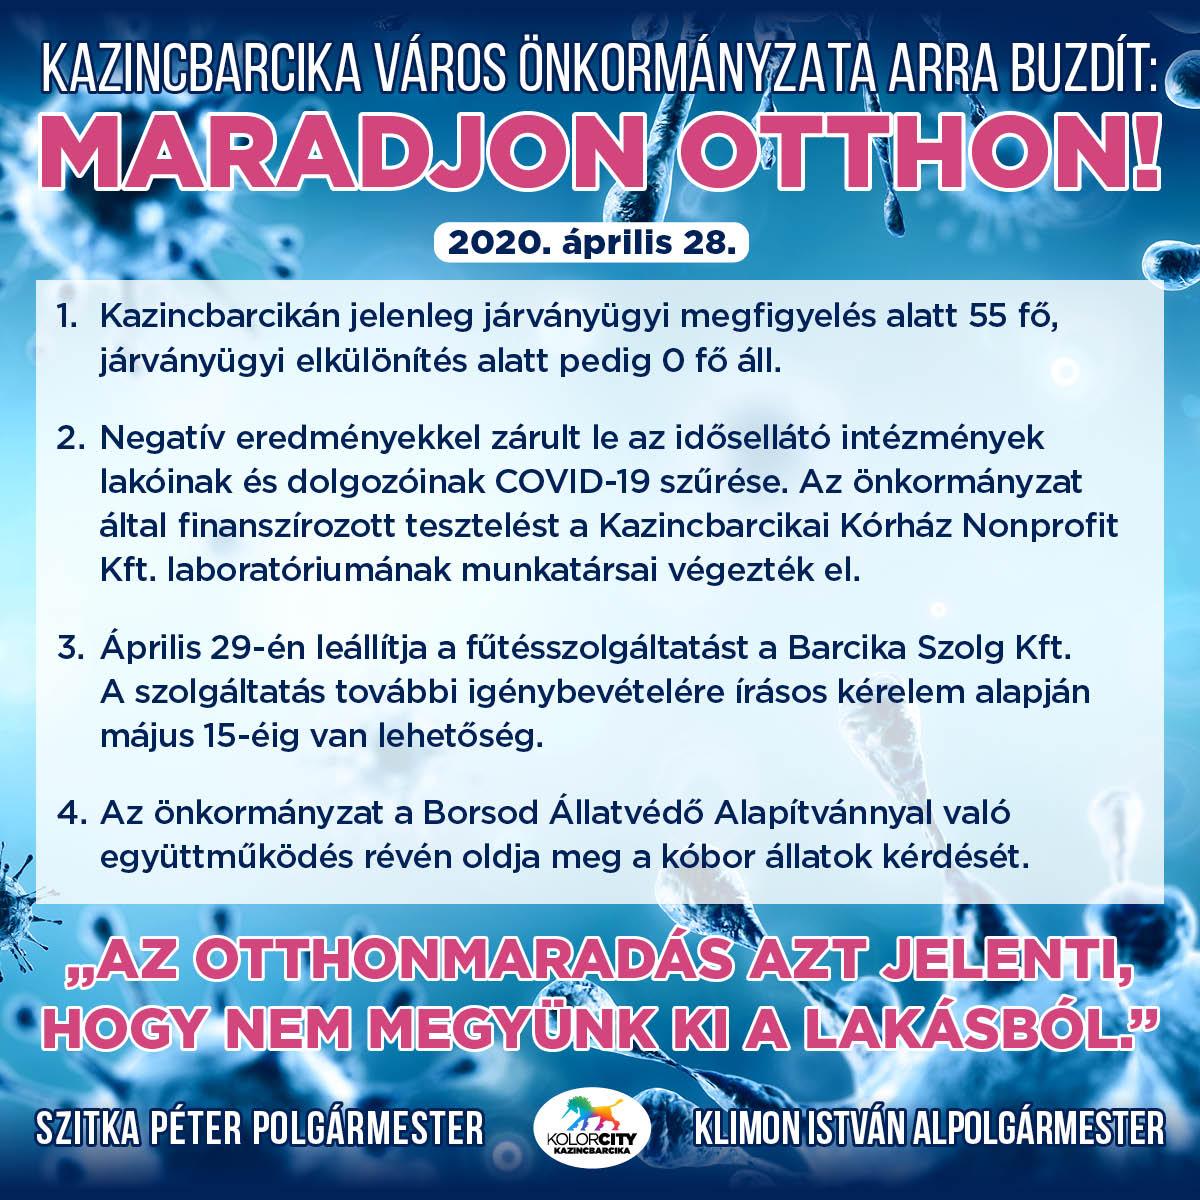 https://kolorline.hu/Kazincbarcika Város Önkormányzata arra buzdít: Maradj otthon! – 2020. április 28.